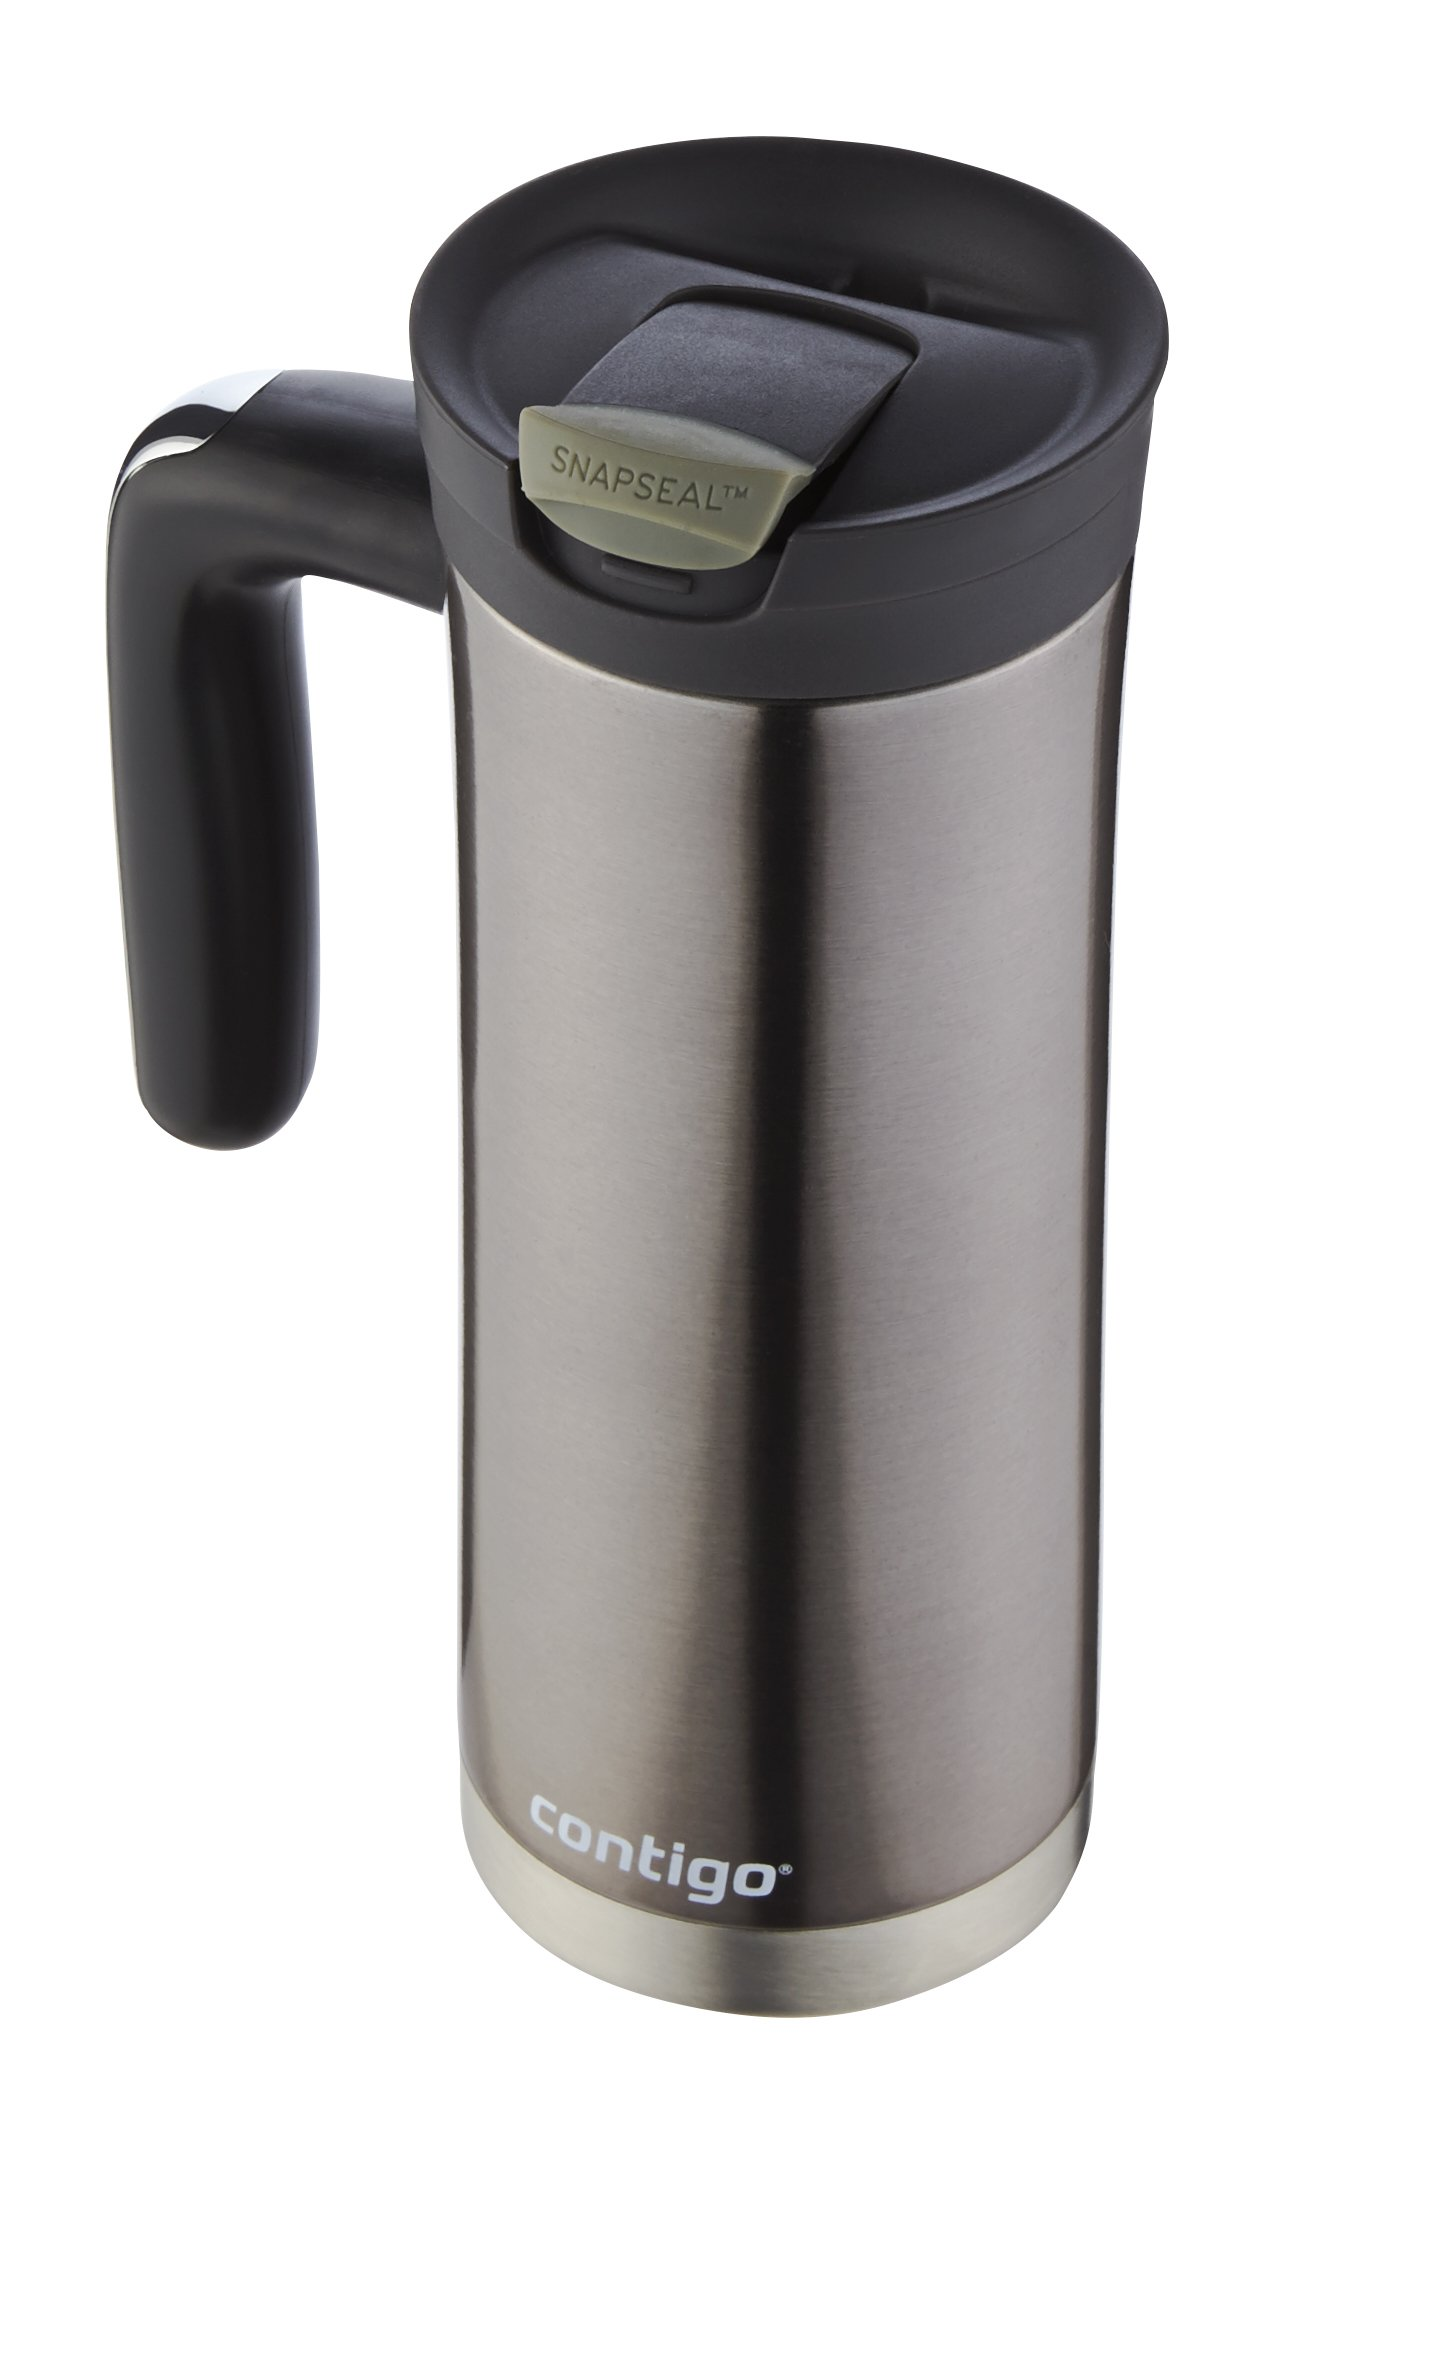 Contigo SnapSeal Superior Stainless Steel Travel Mug, 20 oz, Gunmetal by Contigo (Image #4)